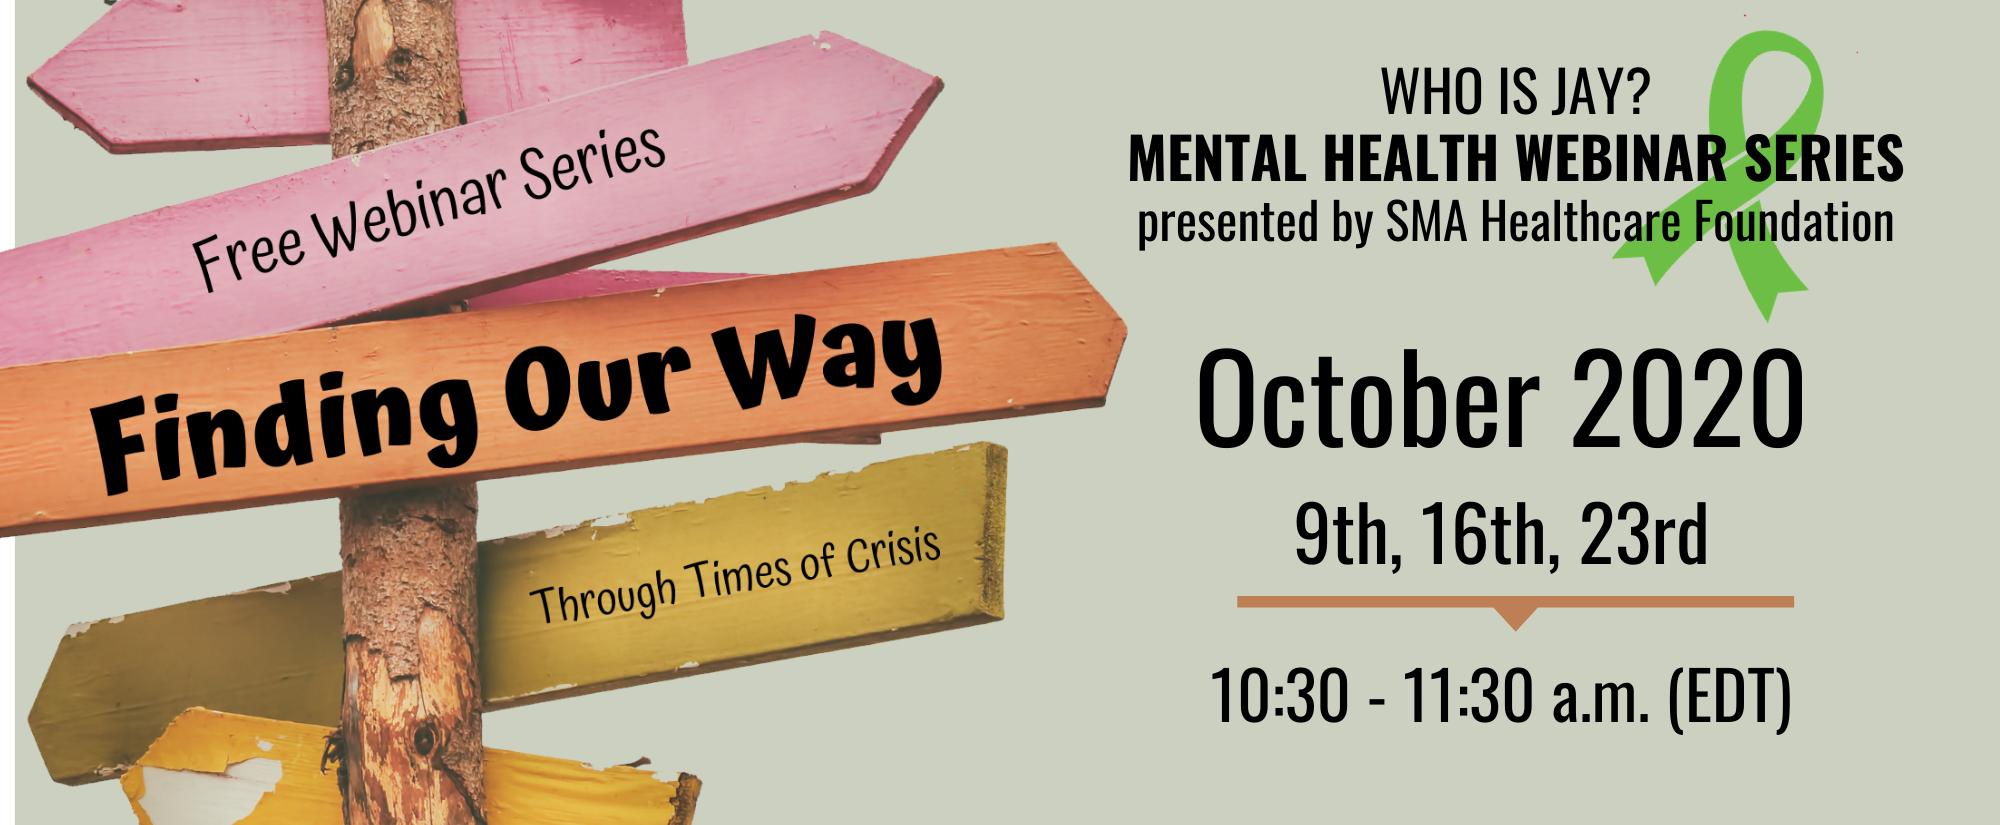 Who is Jay? Mental Health Webinar Series